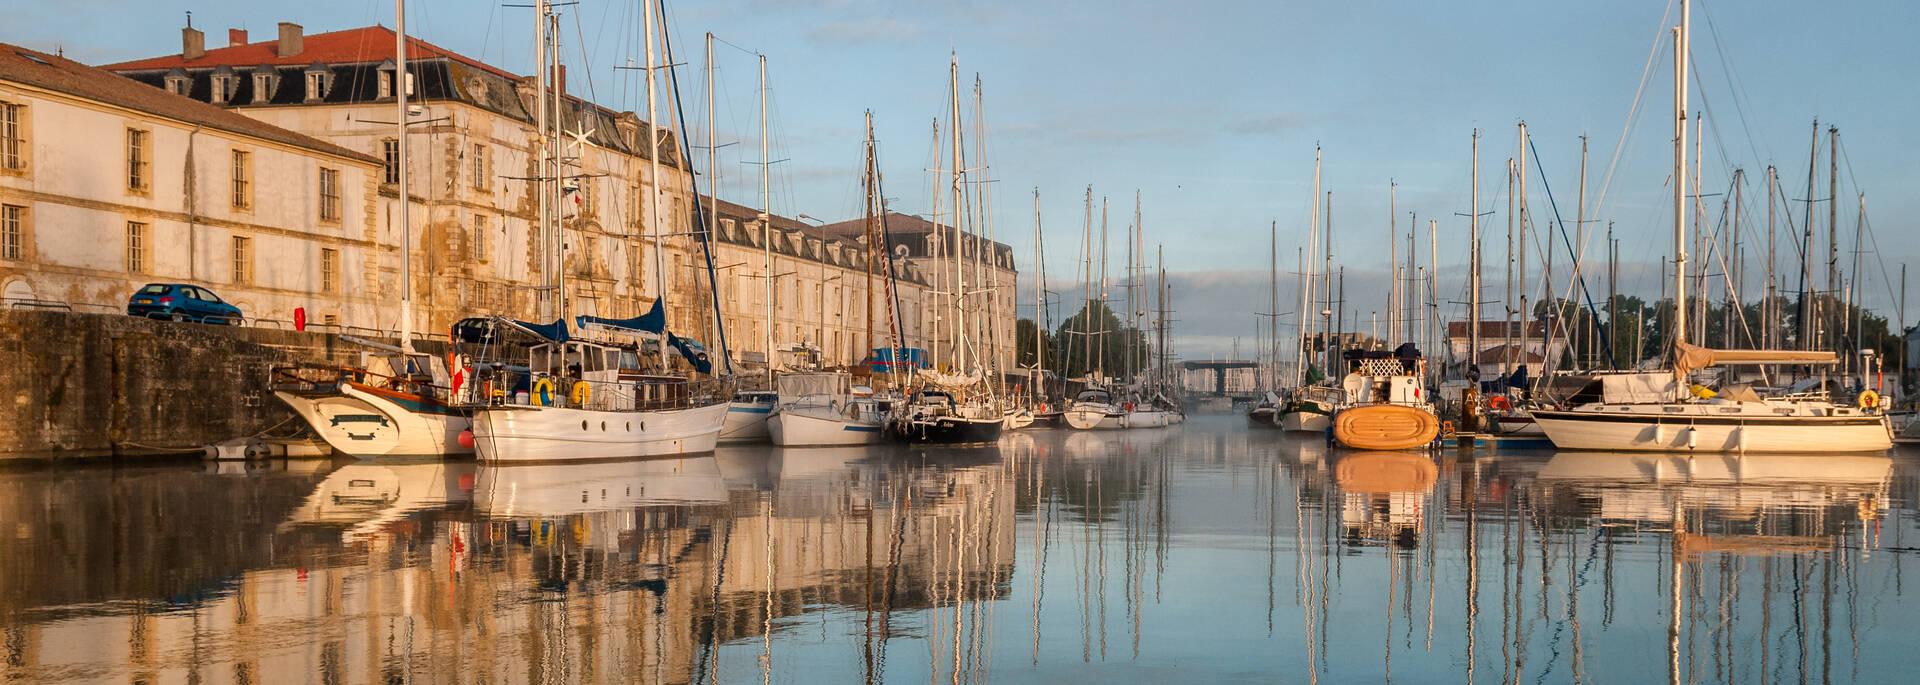 Port de plaisance de Rochefort - © Pascal Robin